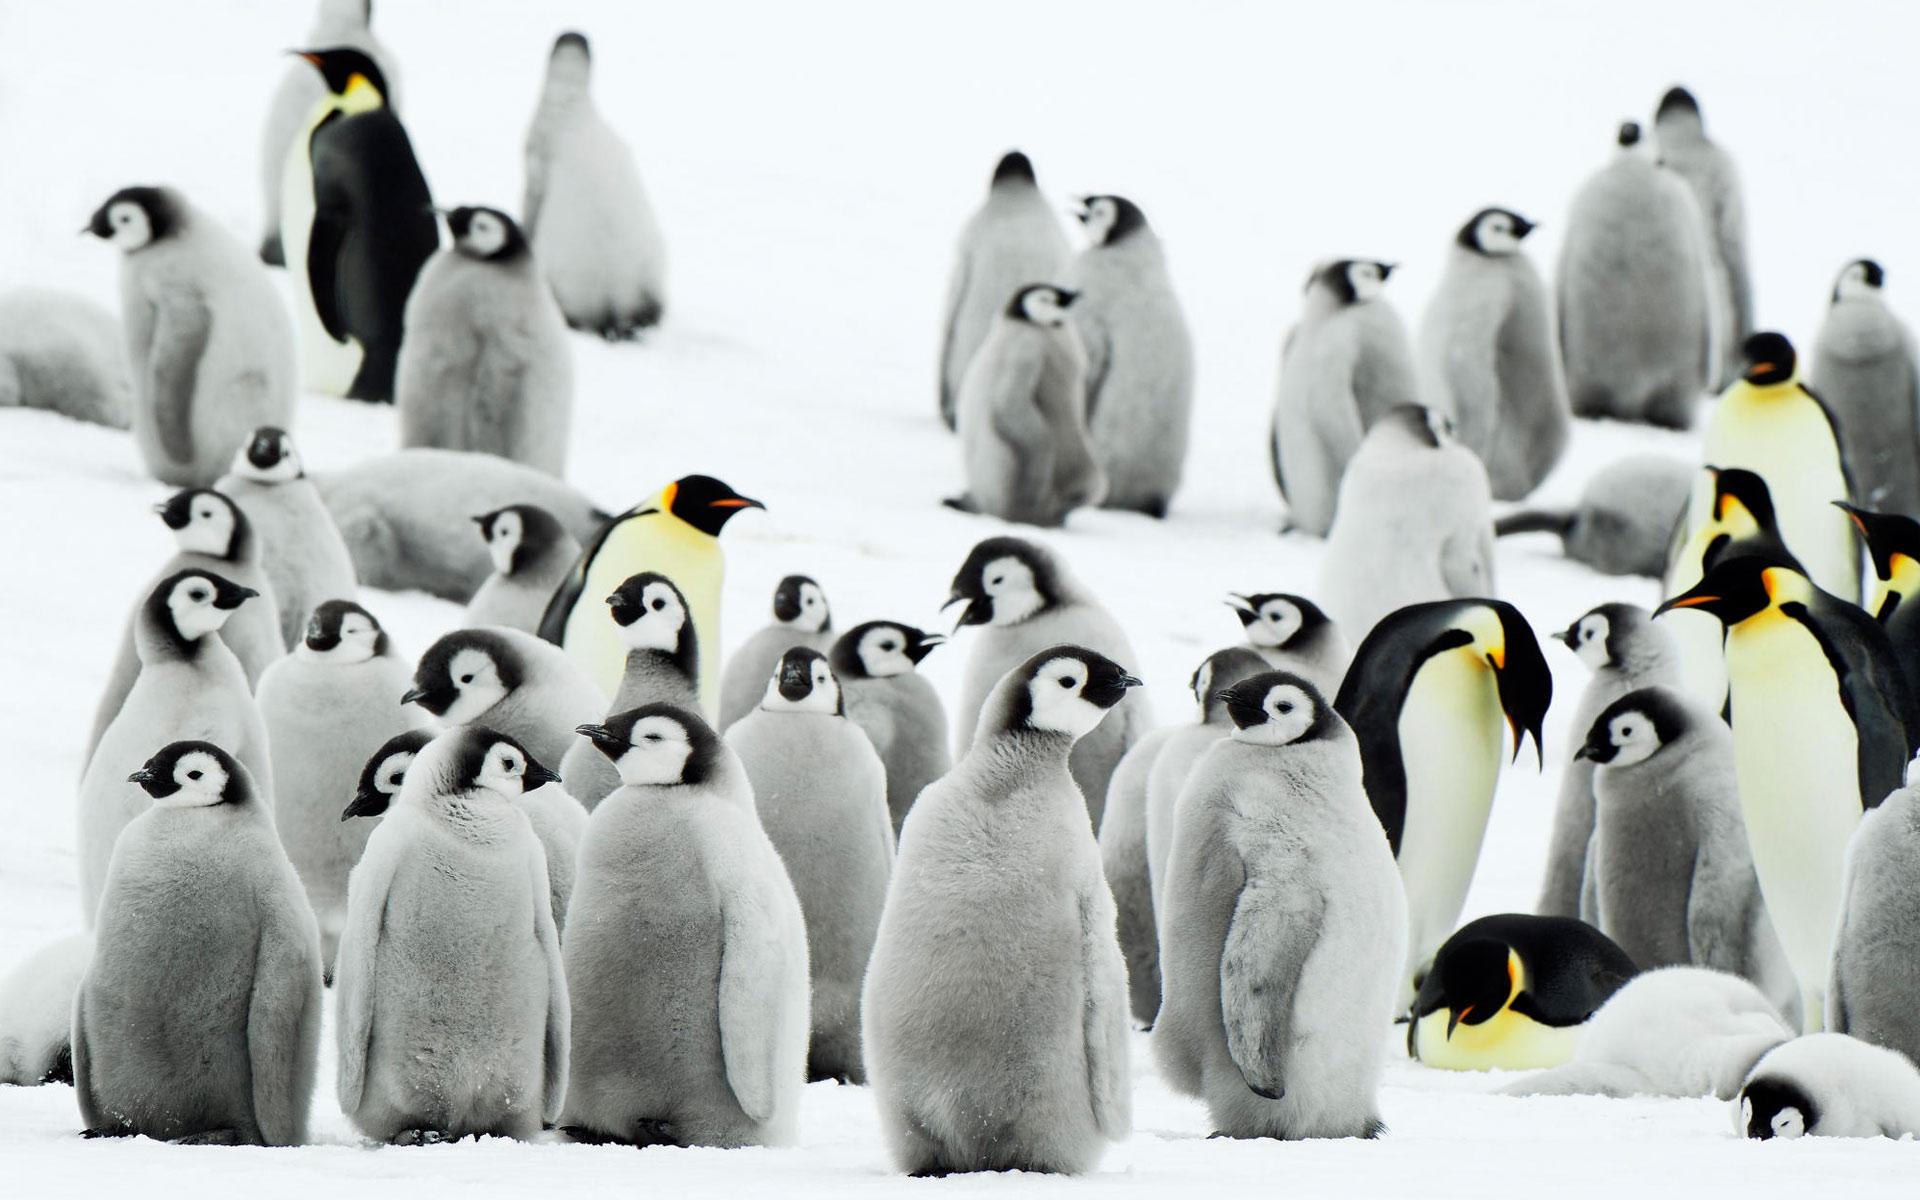 HD Wallpapers Antarctica Penguins